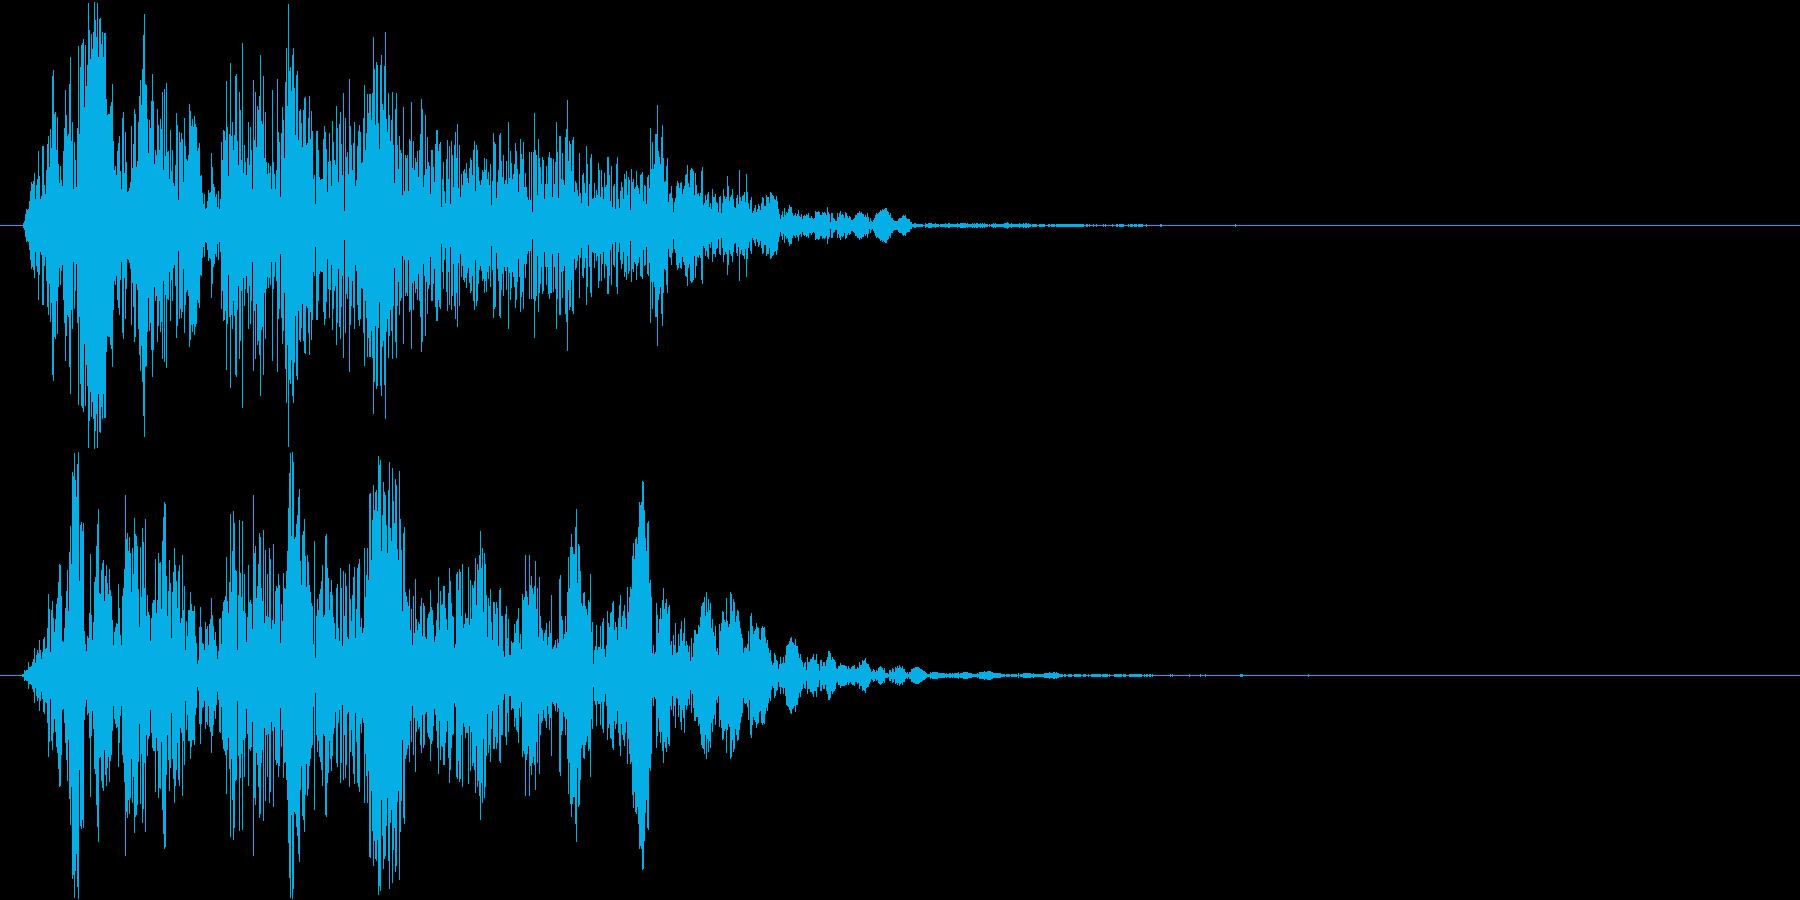 【デュクシ】打撃 格闘 殴る 攻撃 衝撃の再生済みの波形